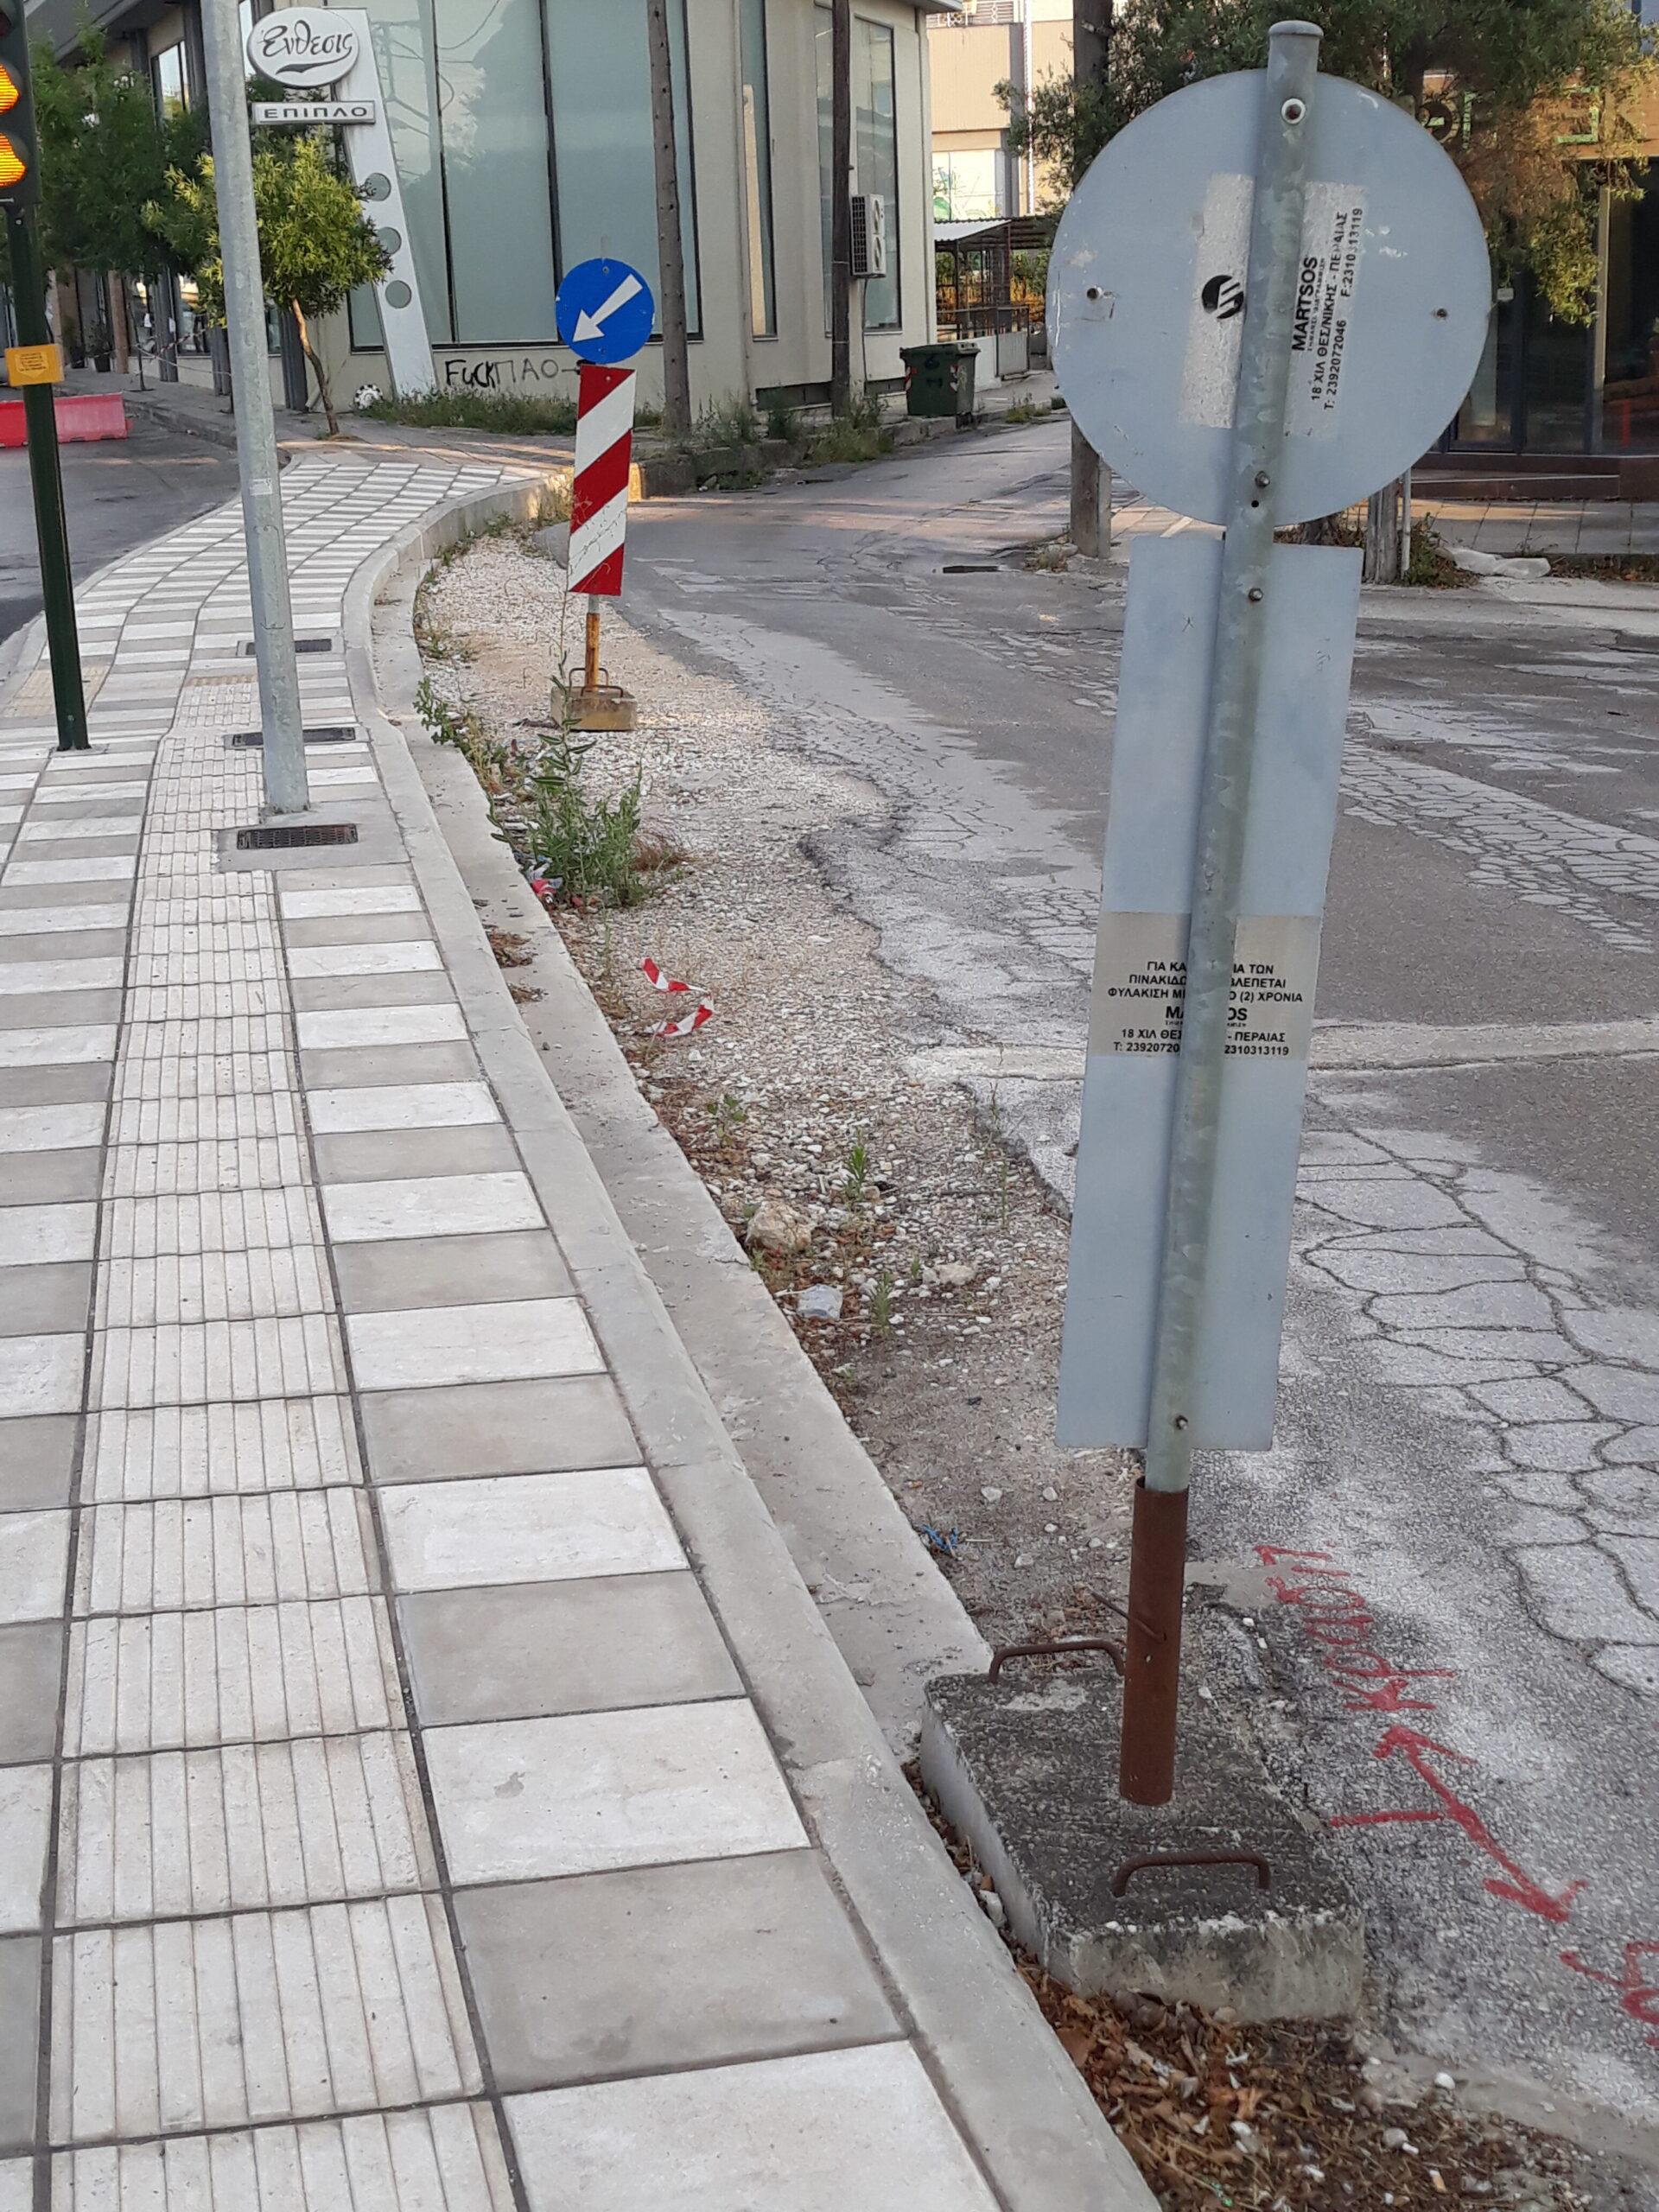 Καταγγελία: Σε κακή κατάσταση εδώ και μήνες δρόμος κοντά στη ΔΕΥΑΛ (φωτο)